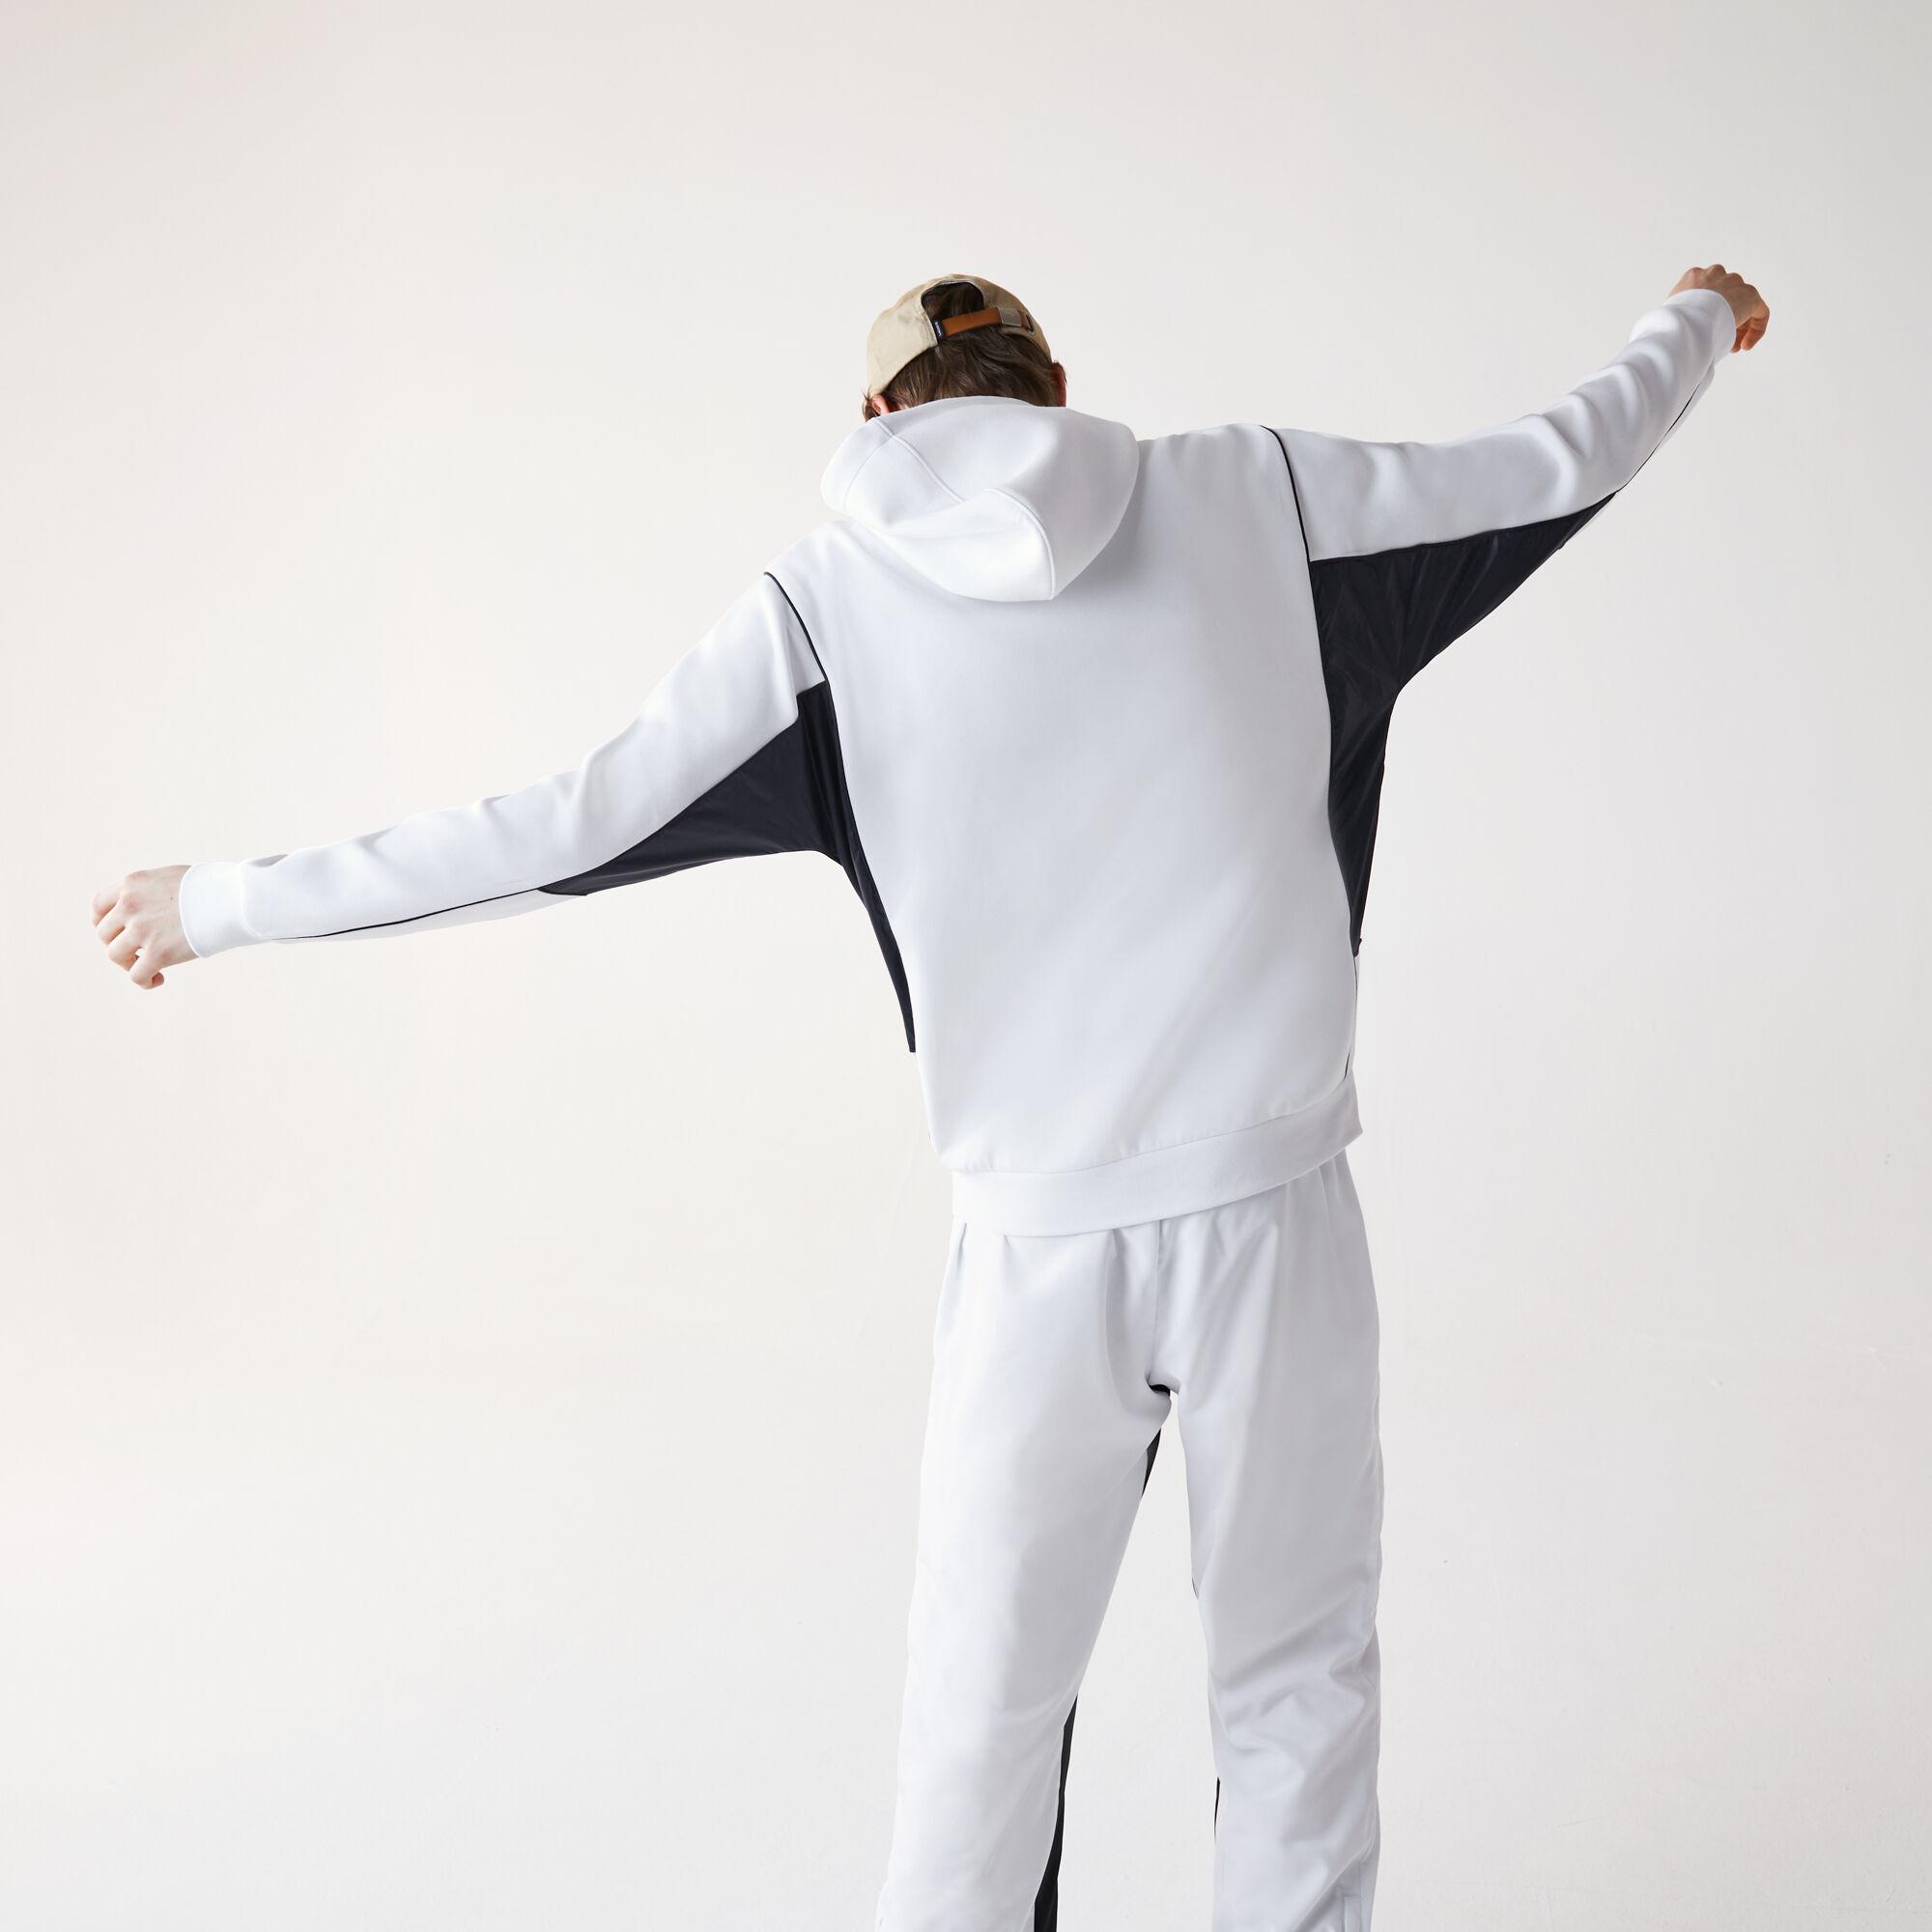 سويت شيرت القطن المرن للرجال مع غطاء رأس وحياكة ثنائية الخامة